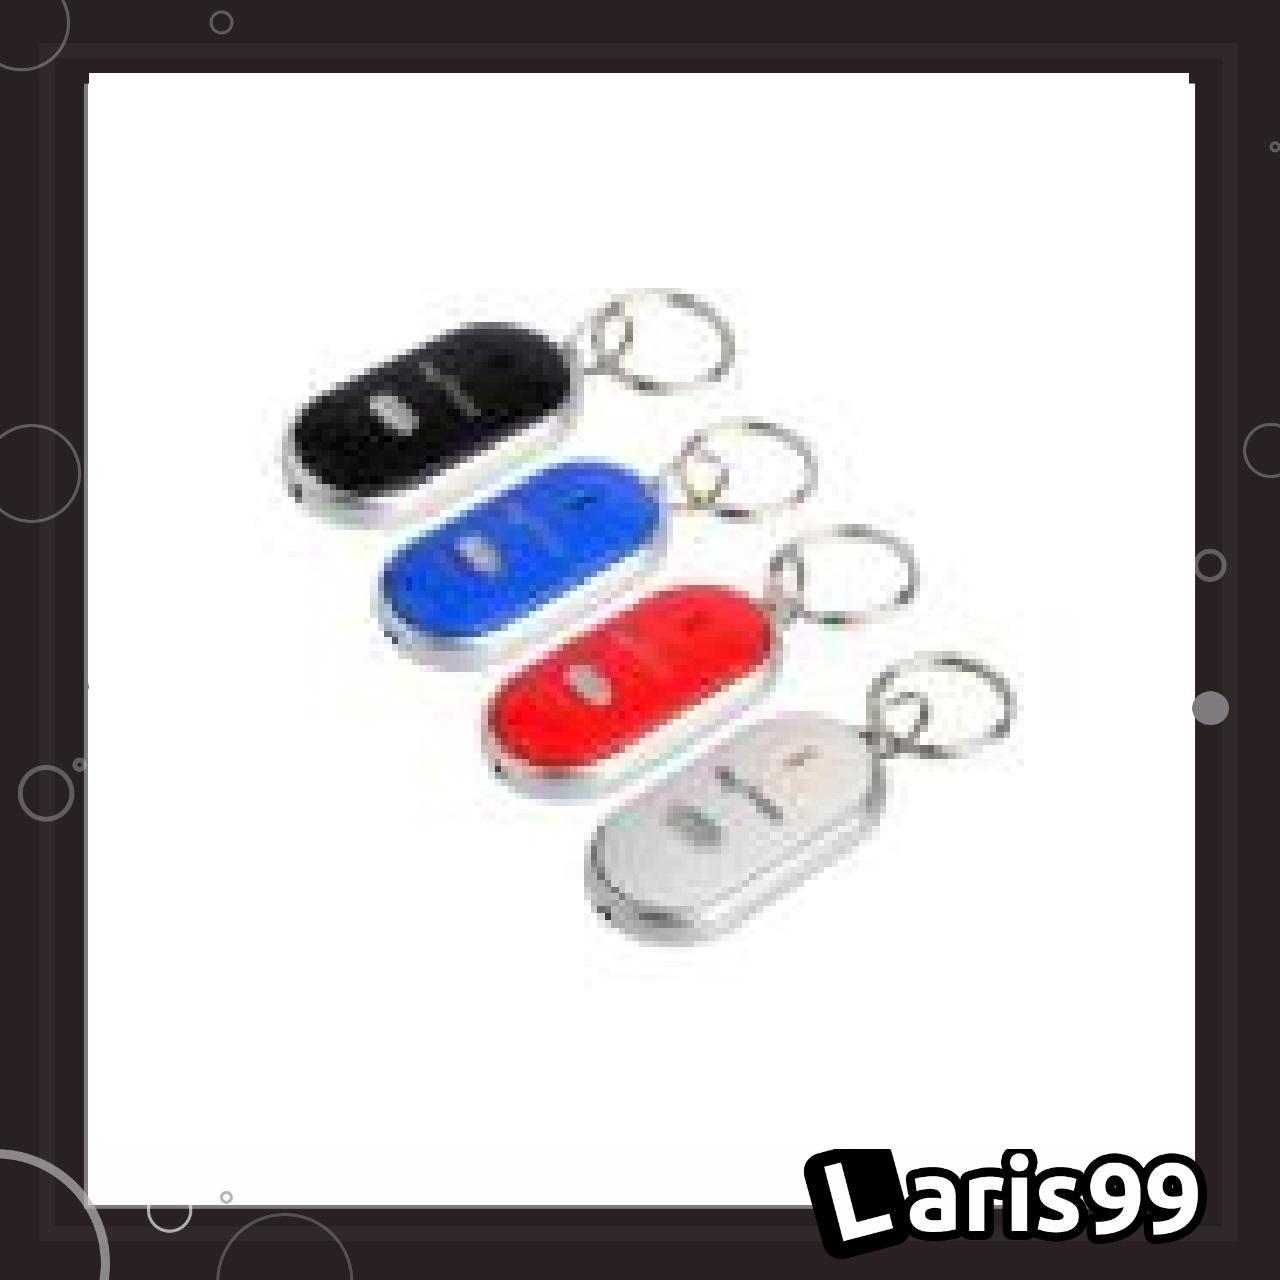 Laris99 Gts Gantungan Siul / Key Finder / Gantungan Kunci By Laris99.